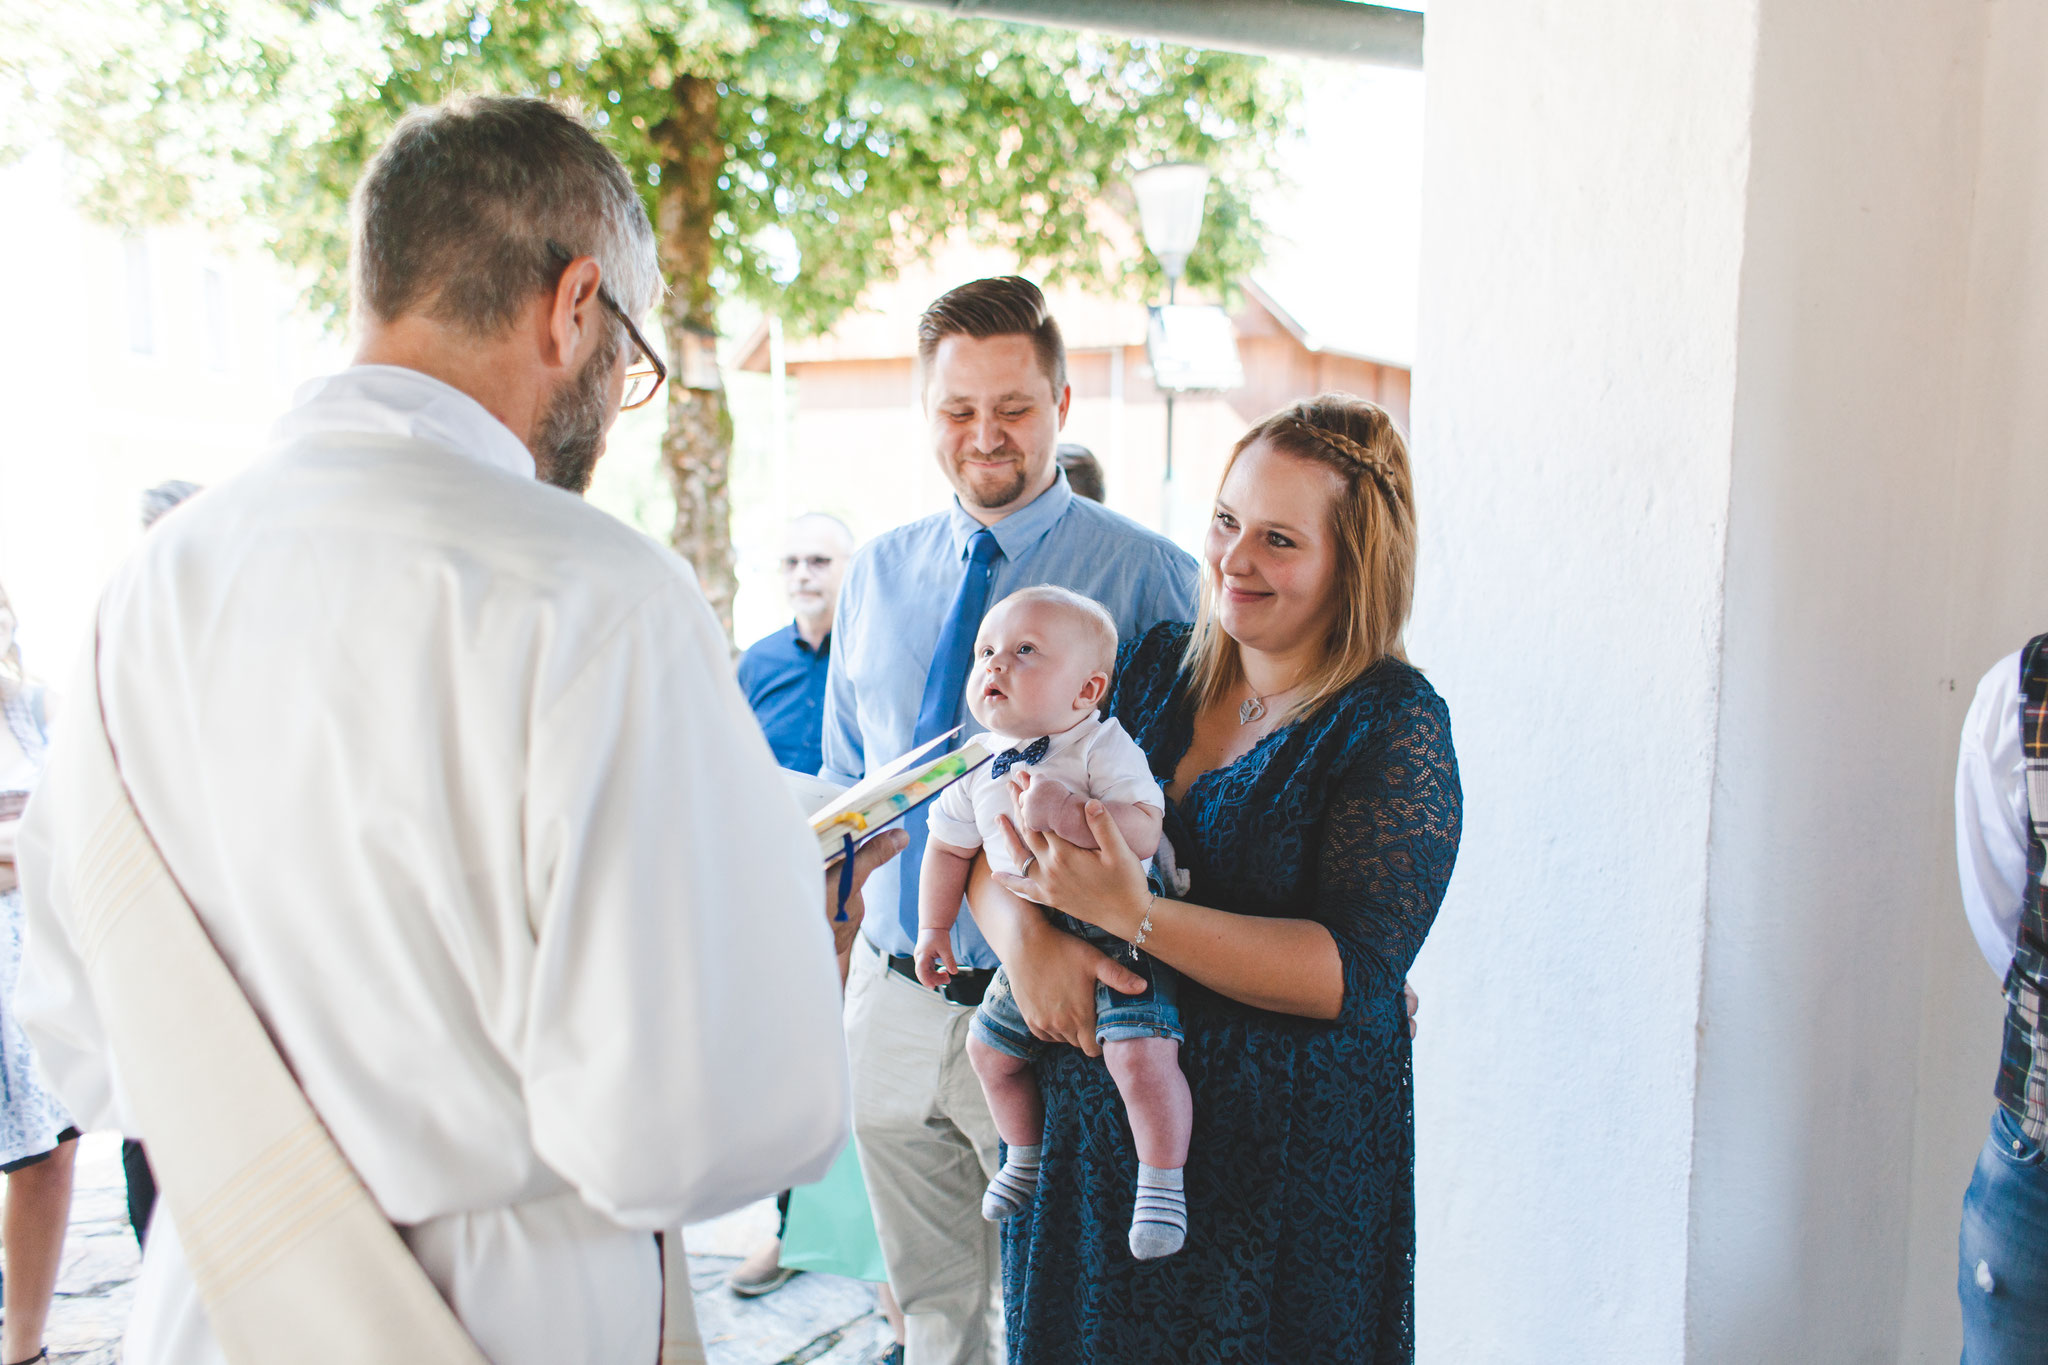 Taufe vor der Kirche mit dem Taufkind